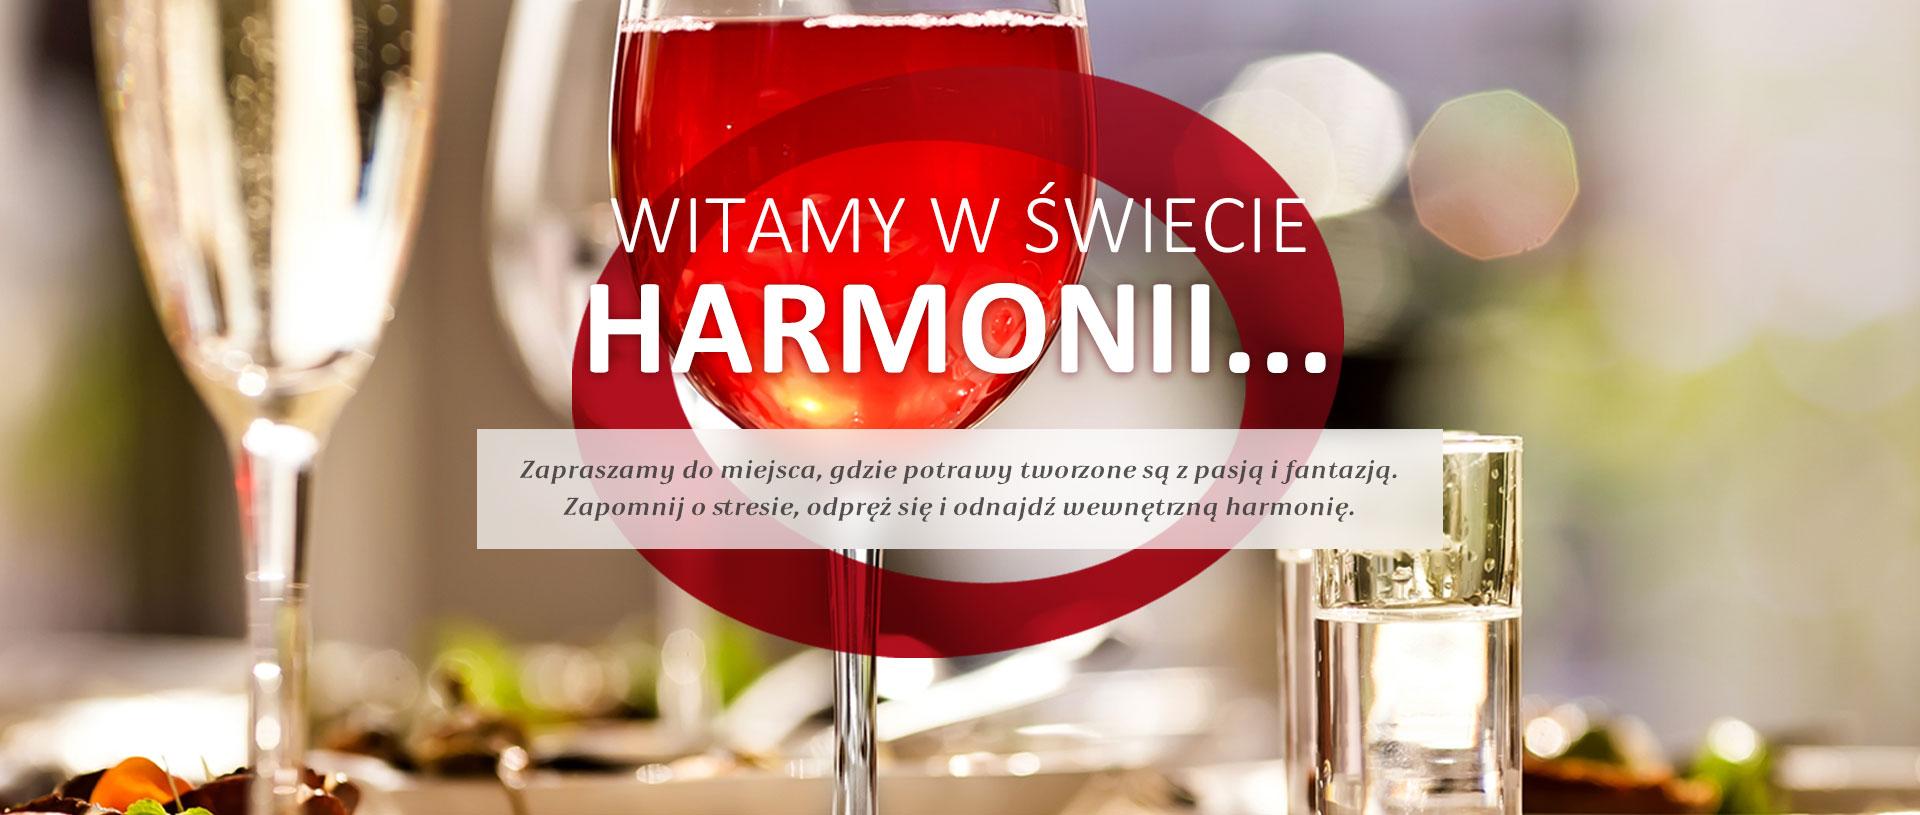 Restauracja Harmonia - Zdjęcie w sliderze nr 3